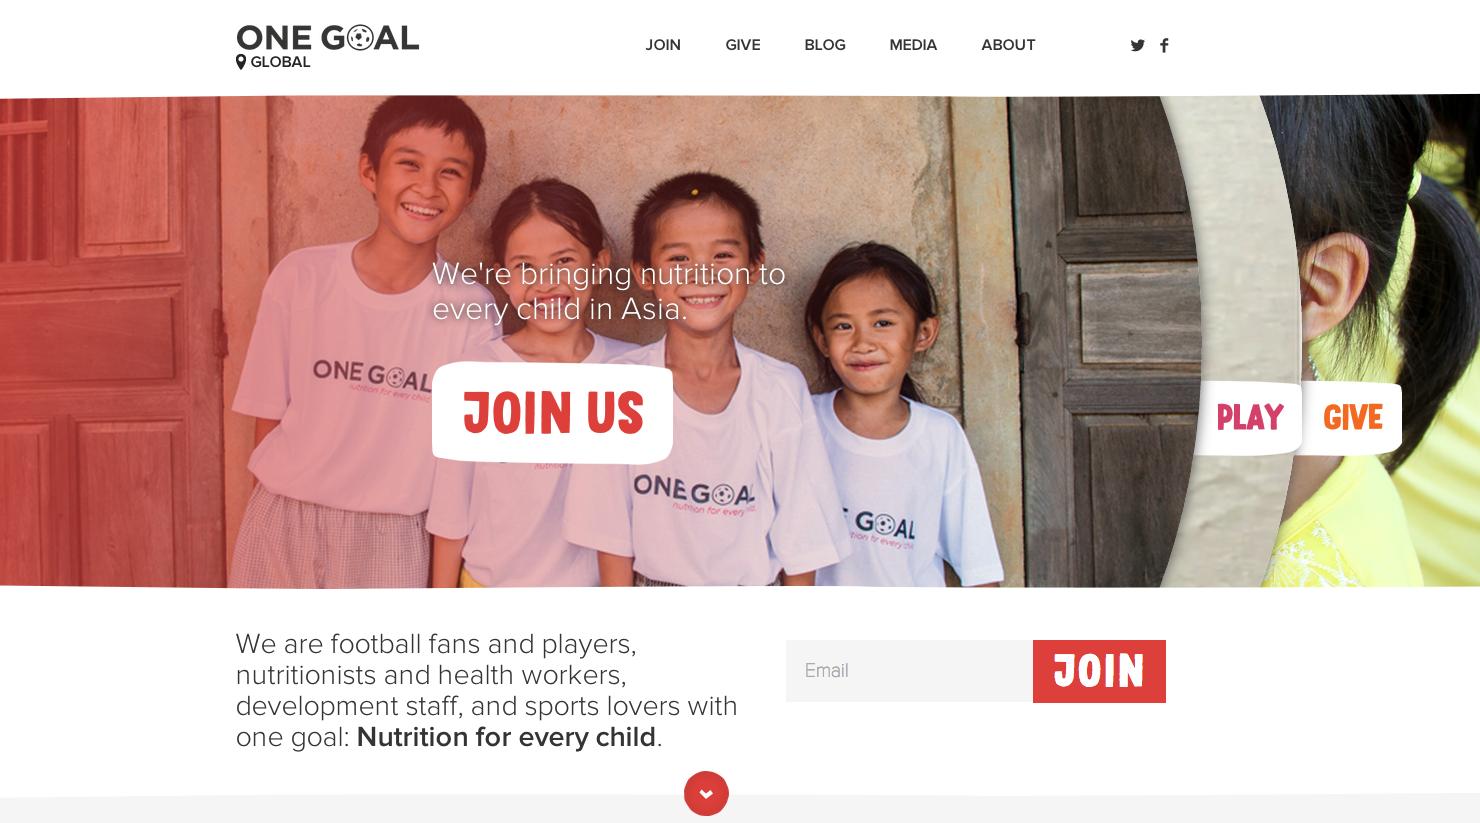 One Goal Global